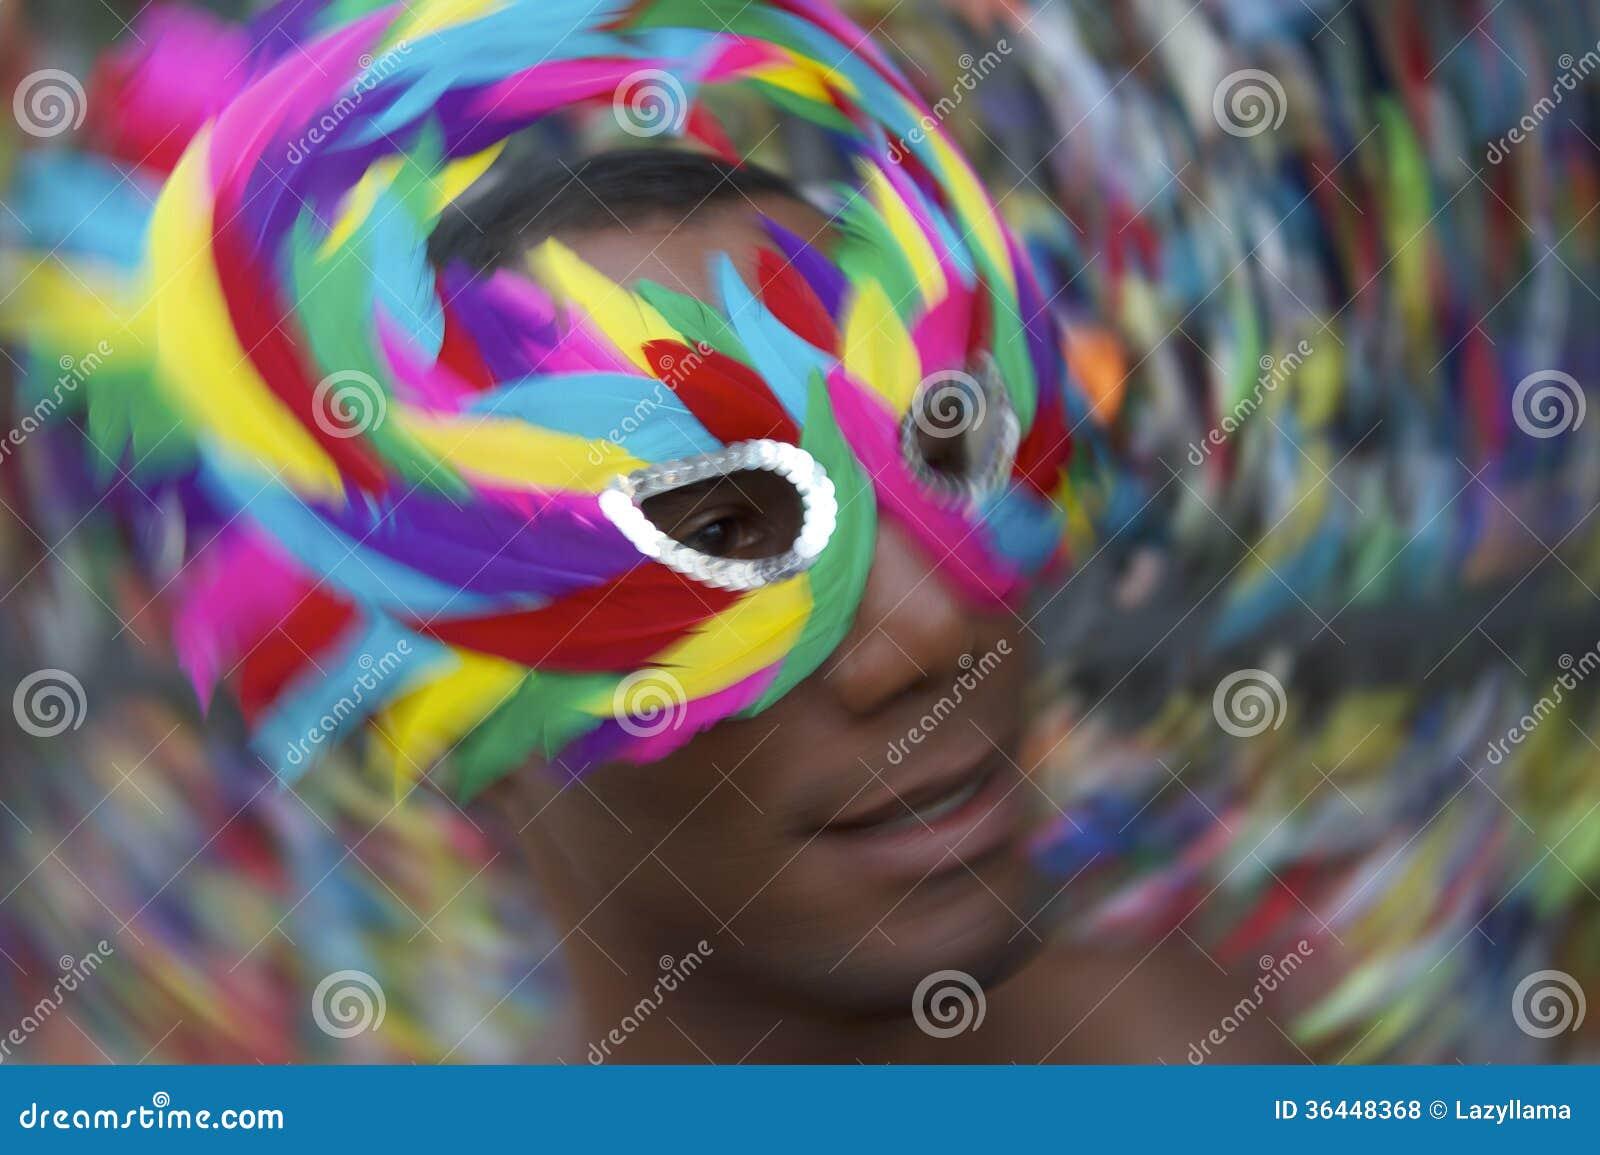 Homem de Salvador Carnival Samba Dancing Brazilian na máscara colorida